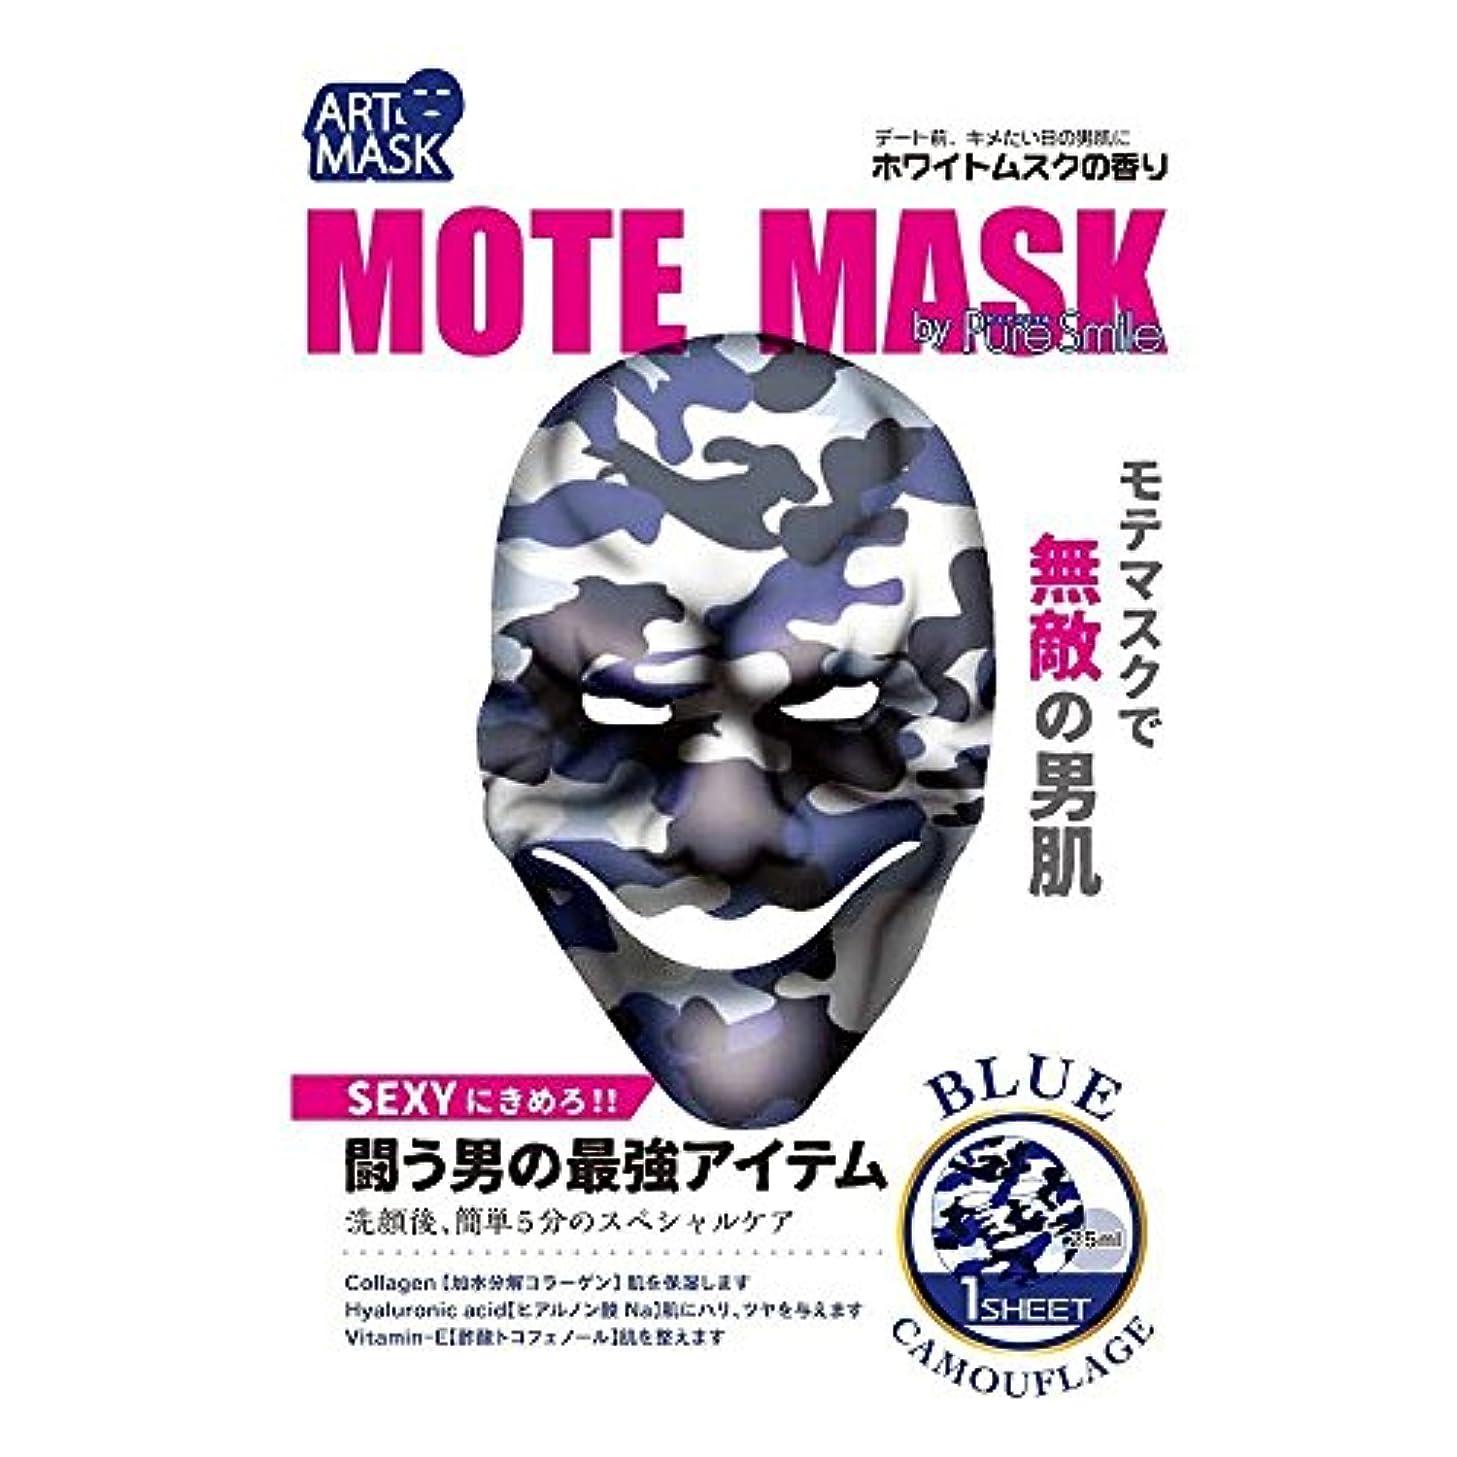 冒険ルート怖いピュアスマイル モテマスク ブルーカモフラージュ MA02 【セクシー】